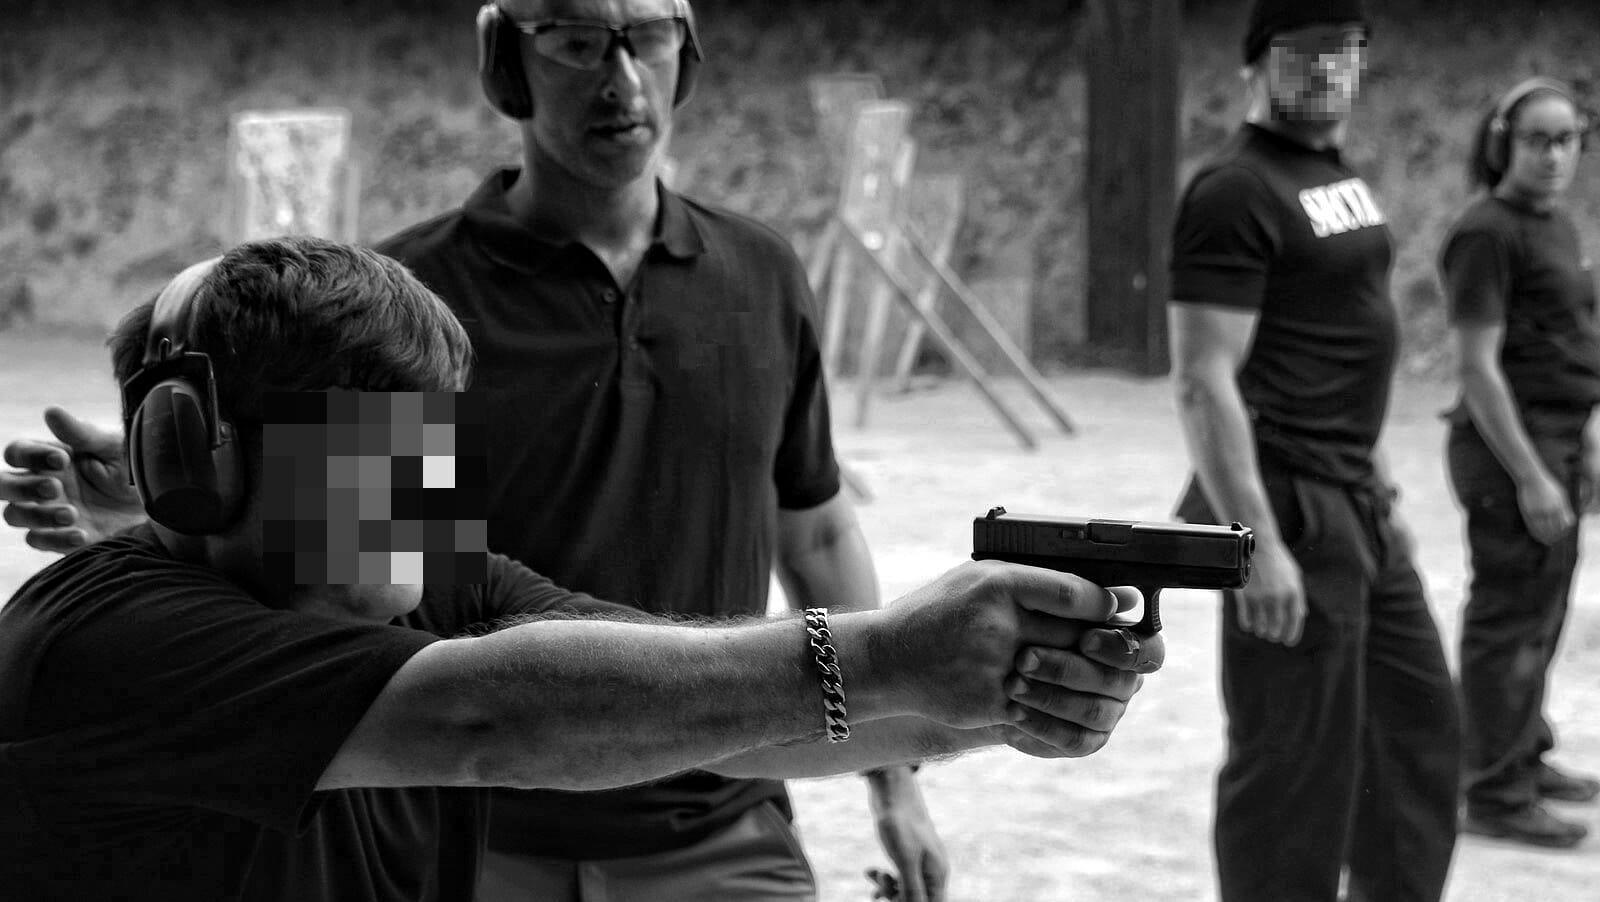 szkolenie-z-taktycznego-strzelania-z-pistoletu_event photo 16X9